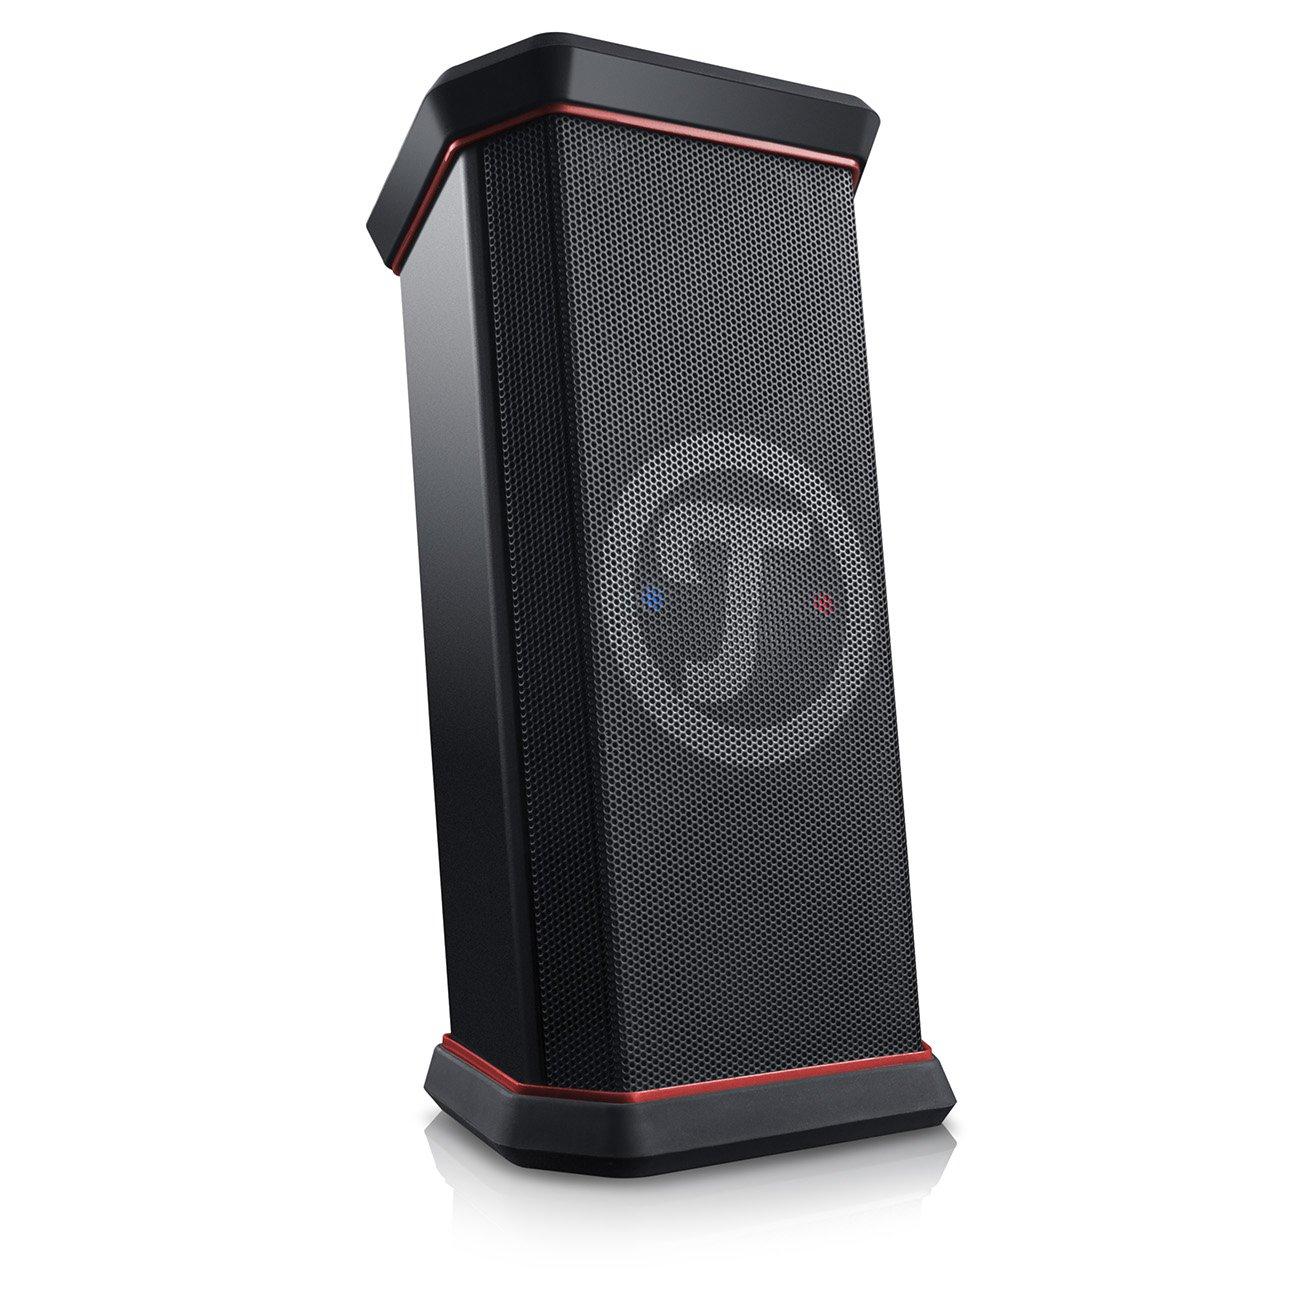 Teufel Rockster XS Bluetooth Lautsprecher direkt vom Hersteller mit 20% Rabatt